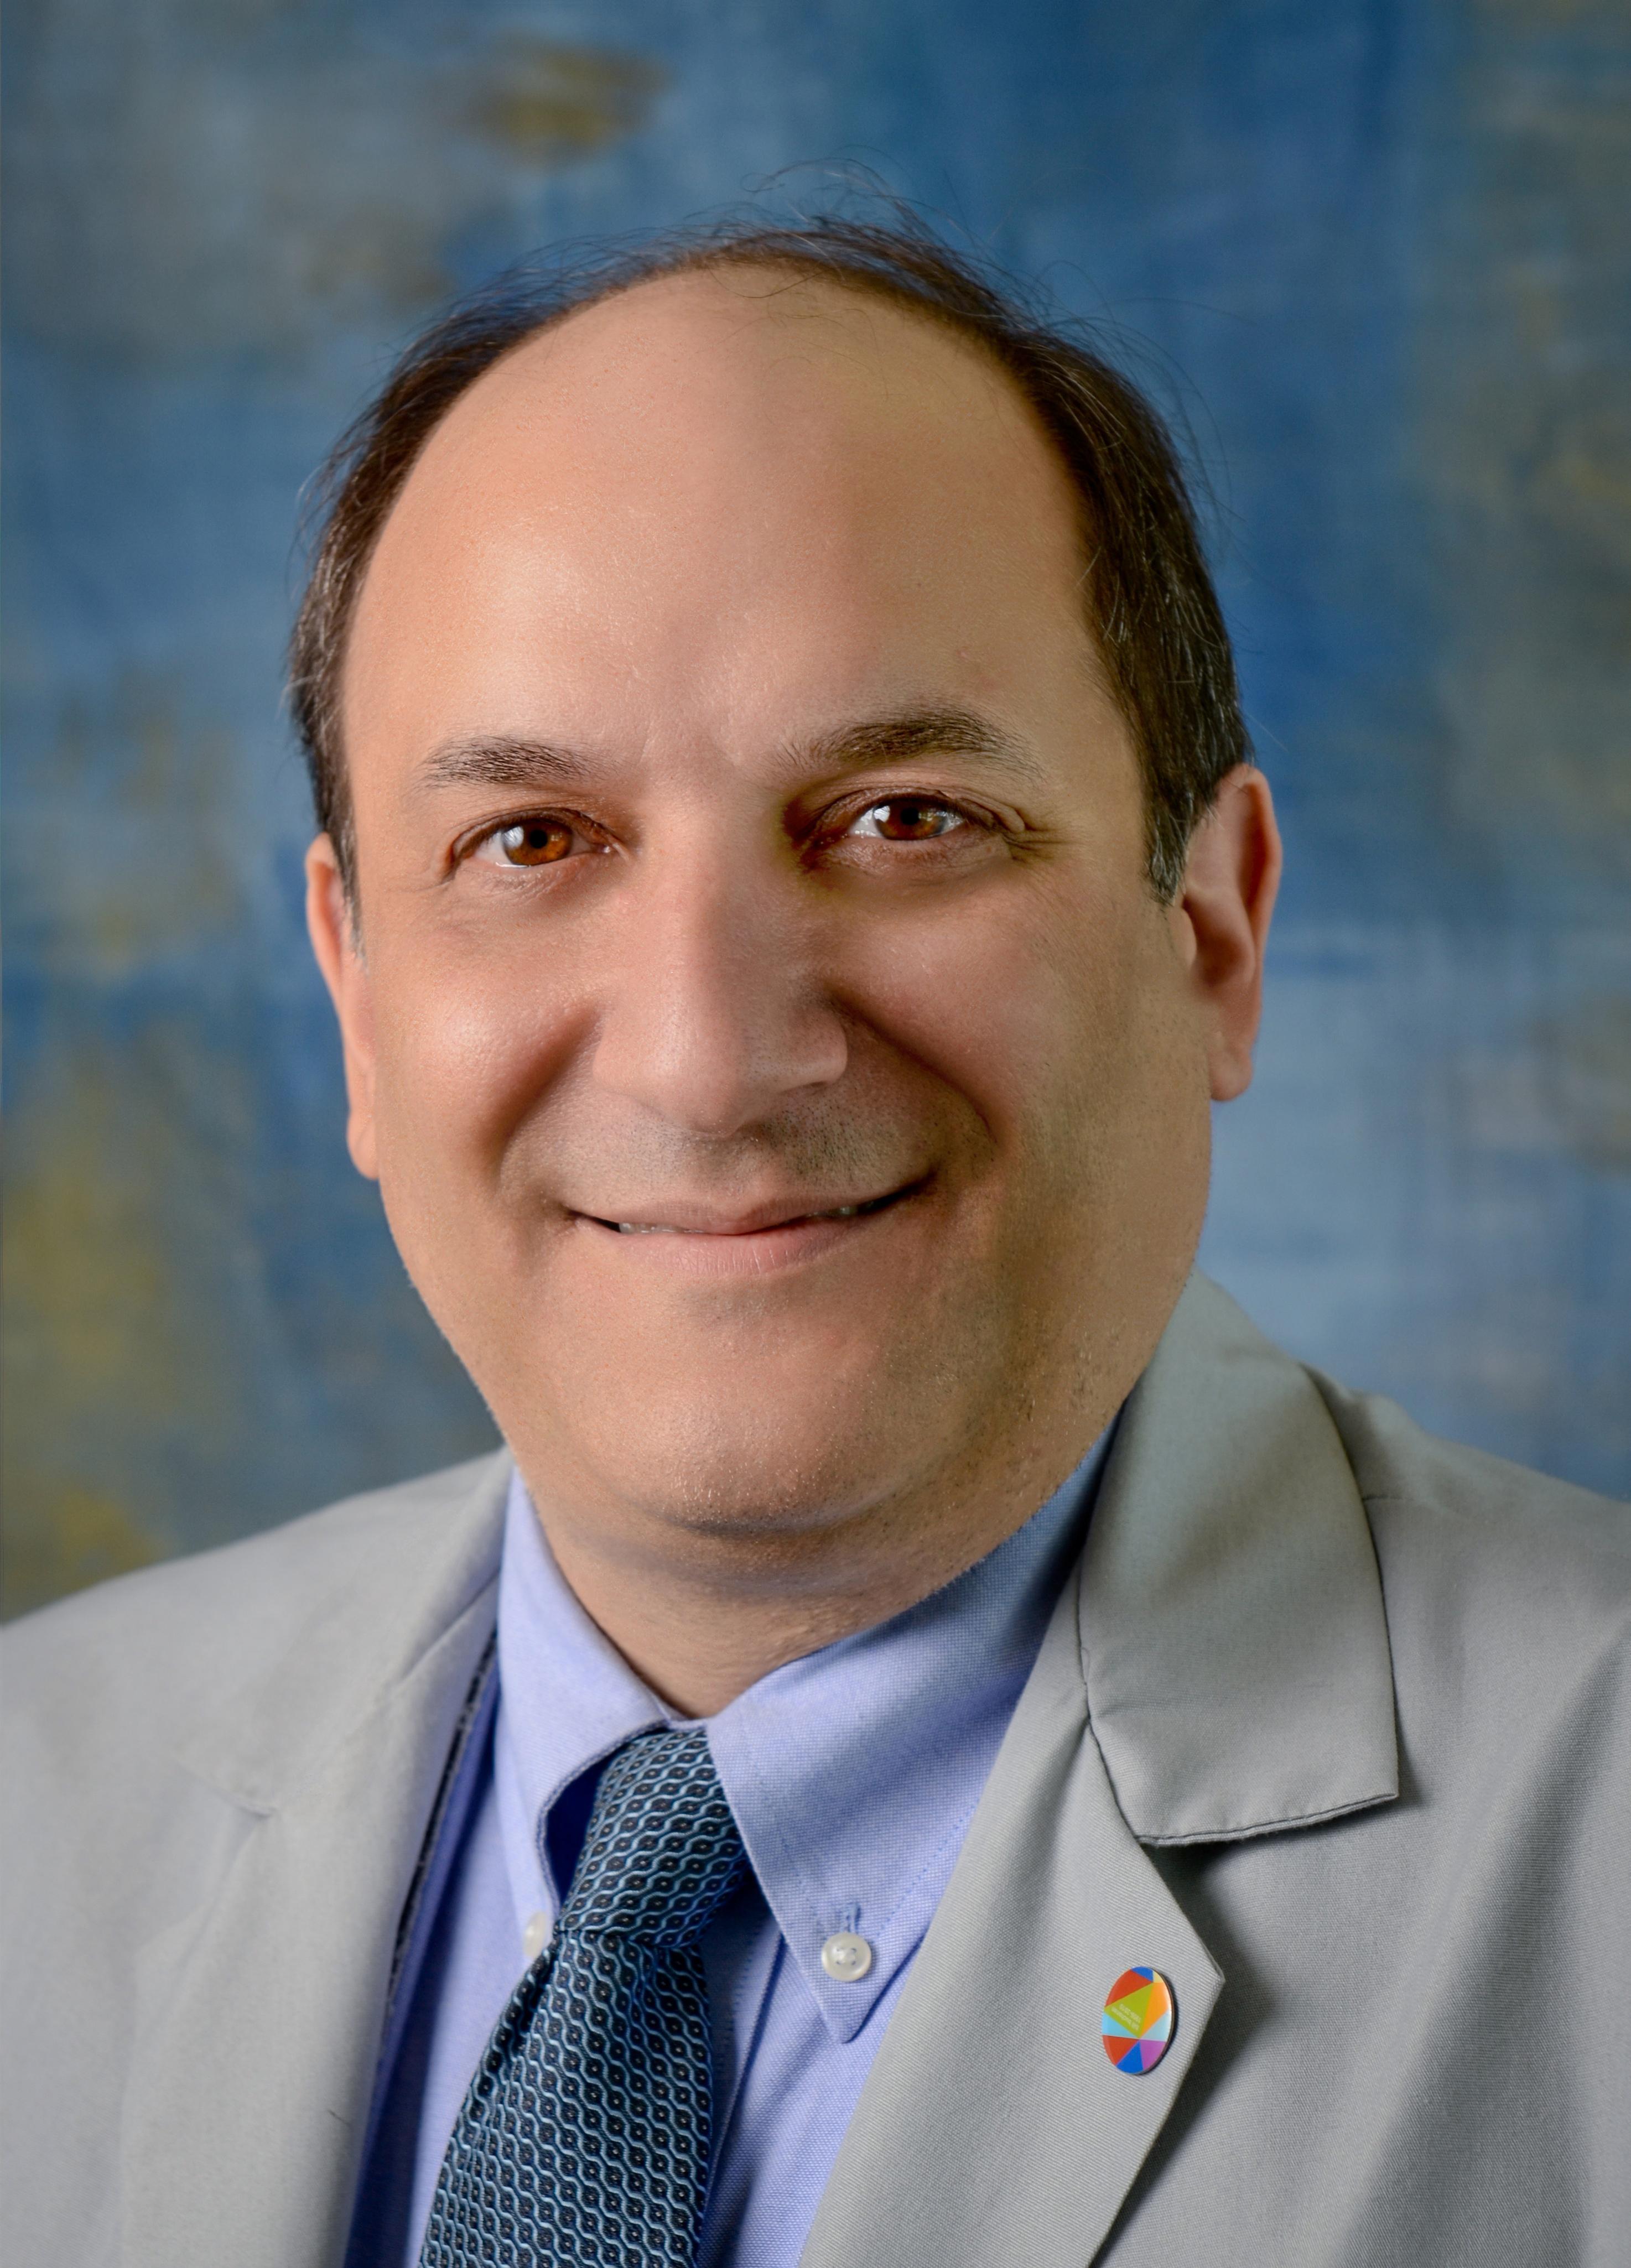 Paul G. Rubinstein, MD